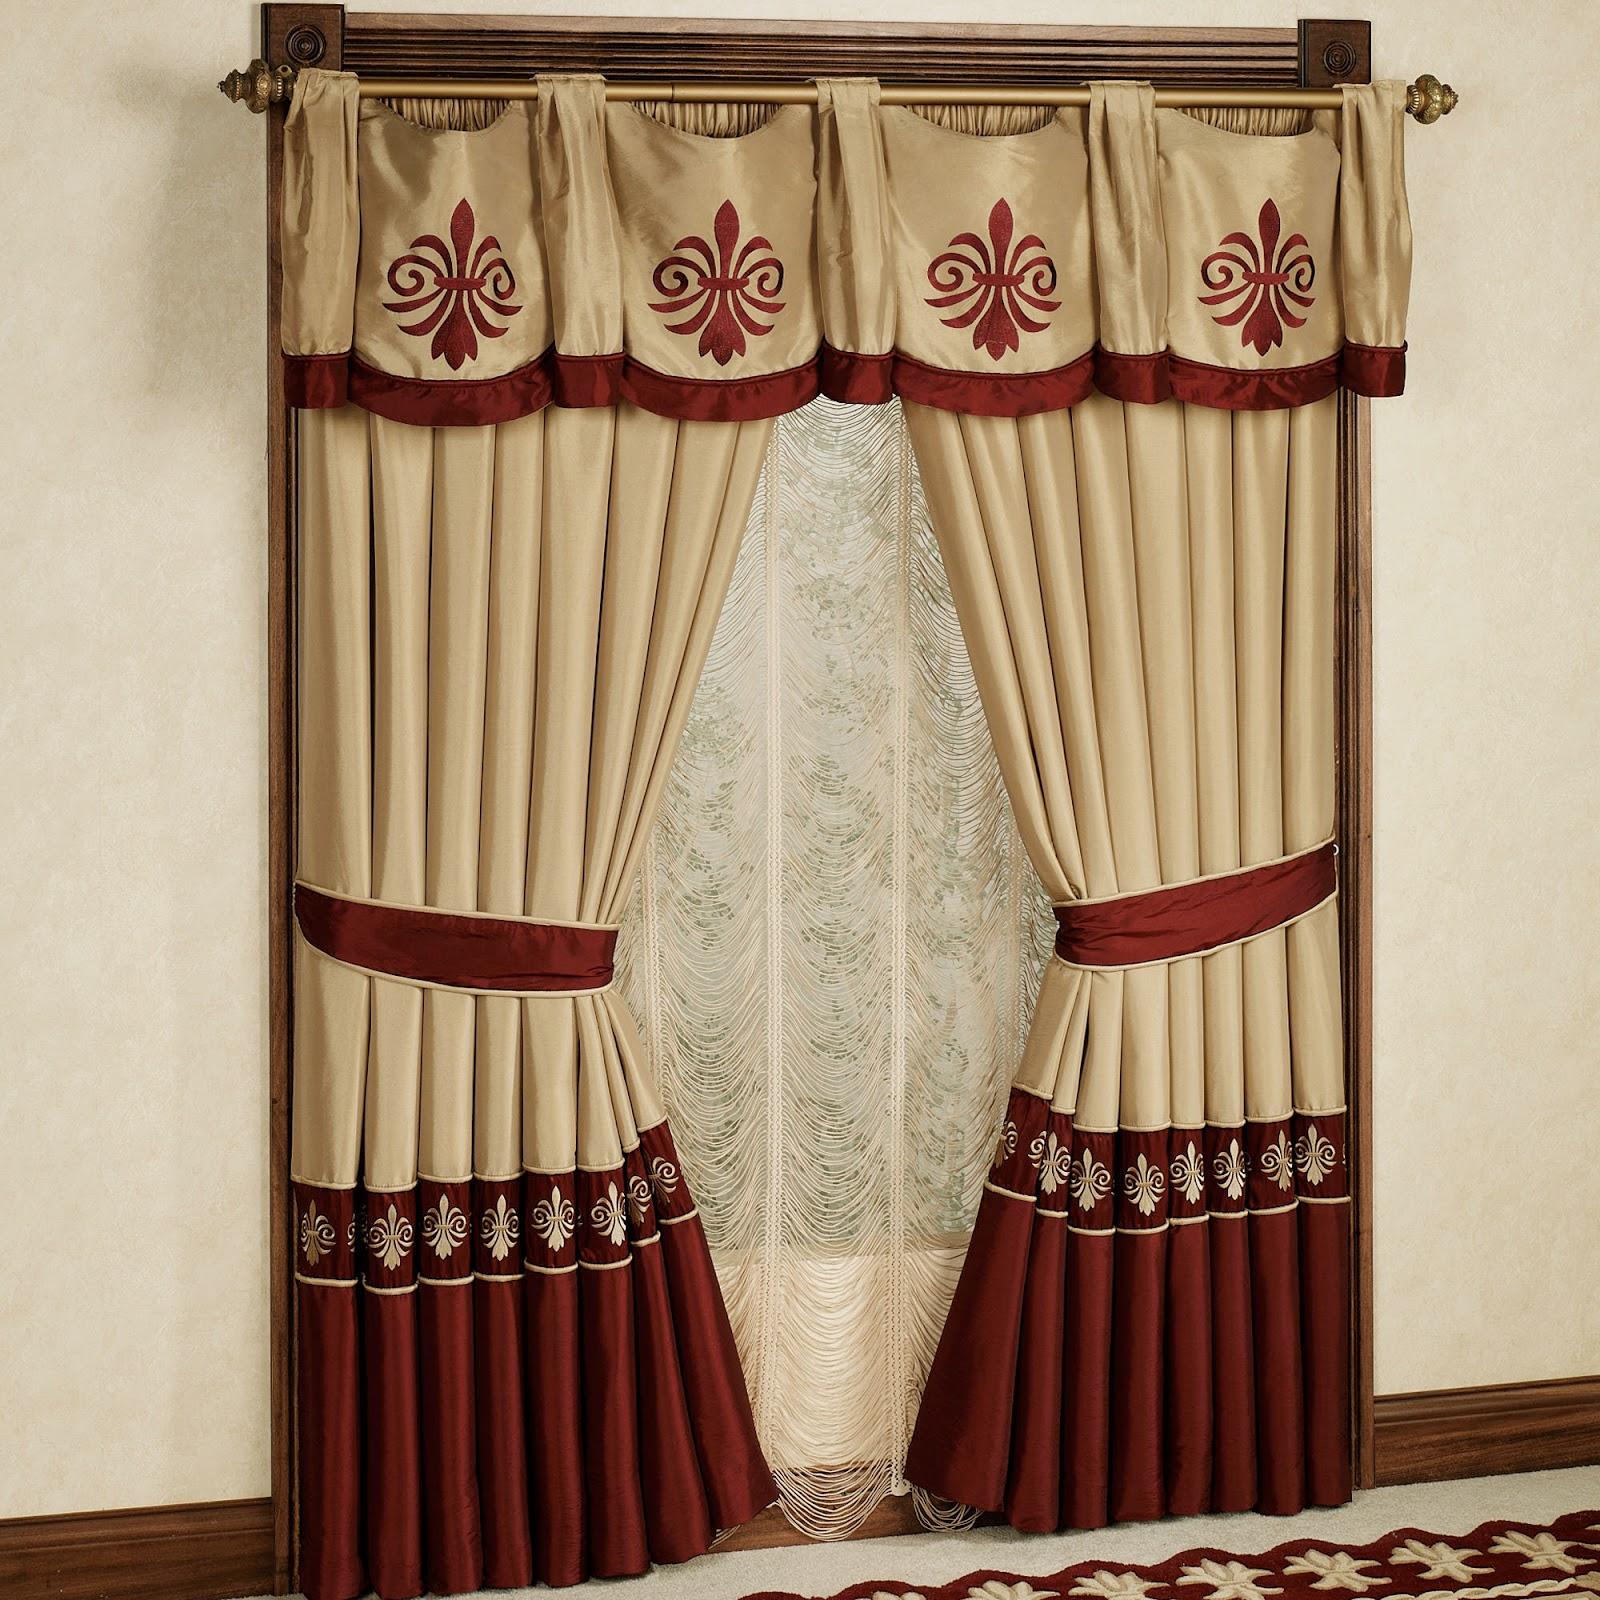 Curtain Tassel Hooks Tie Backs Tiebacks Tassels And